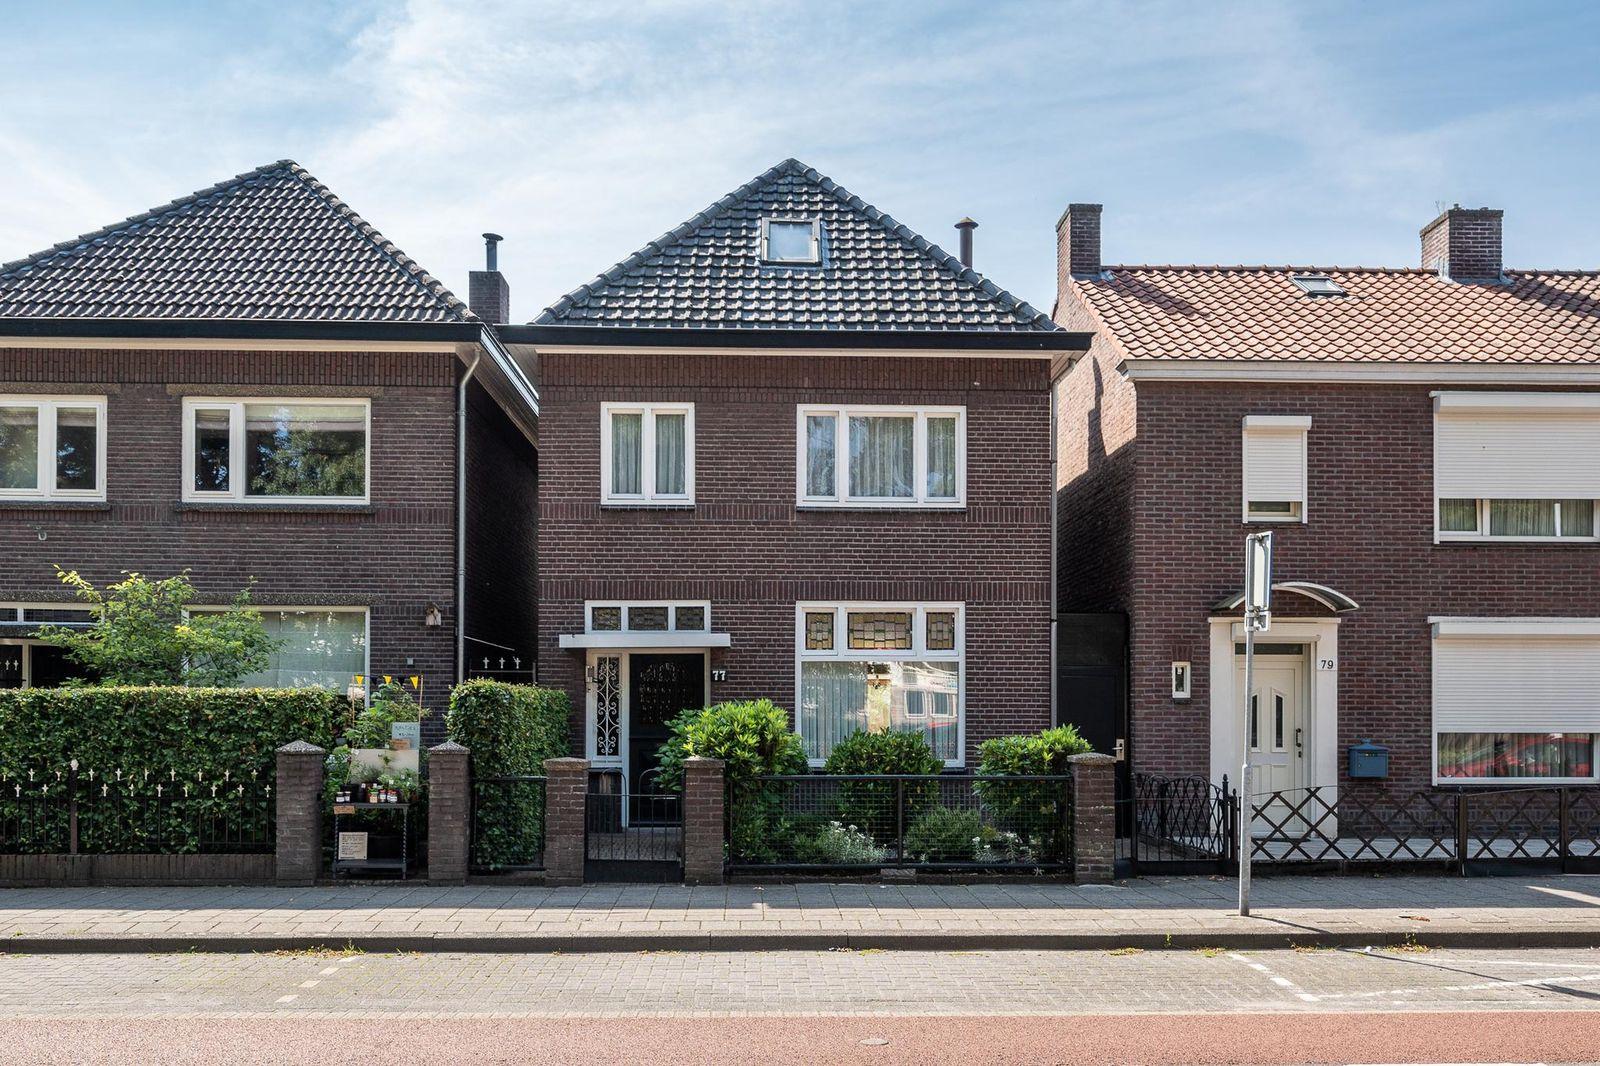 Blaarthemseweg 77, Eindhoven